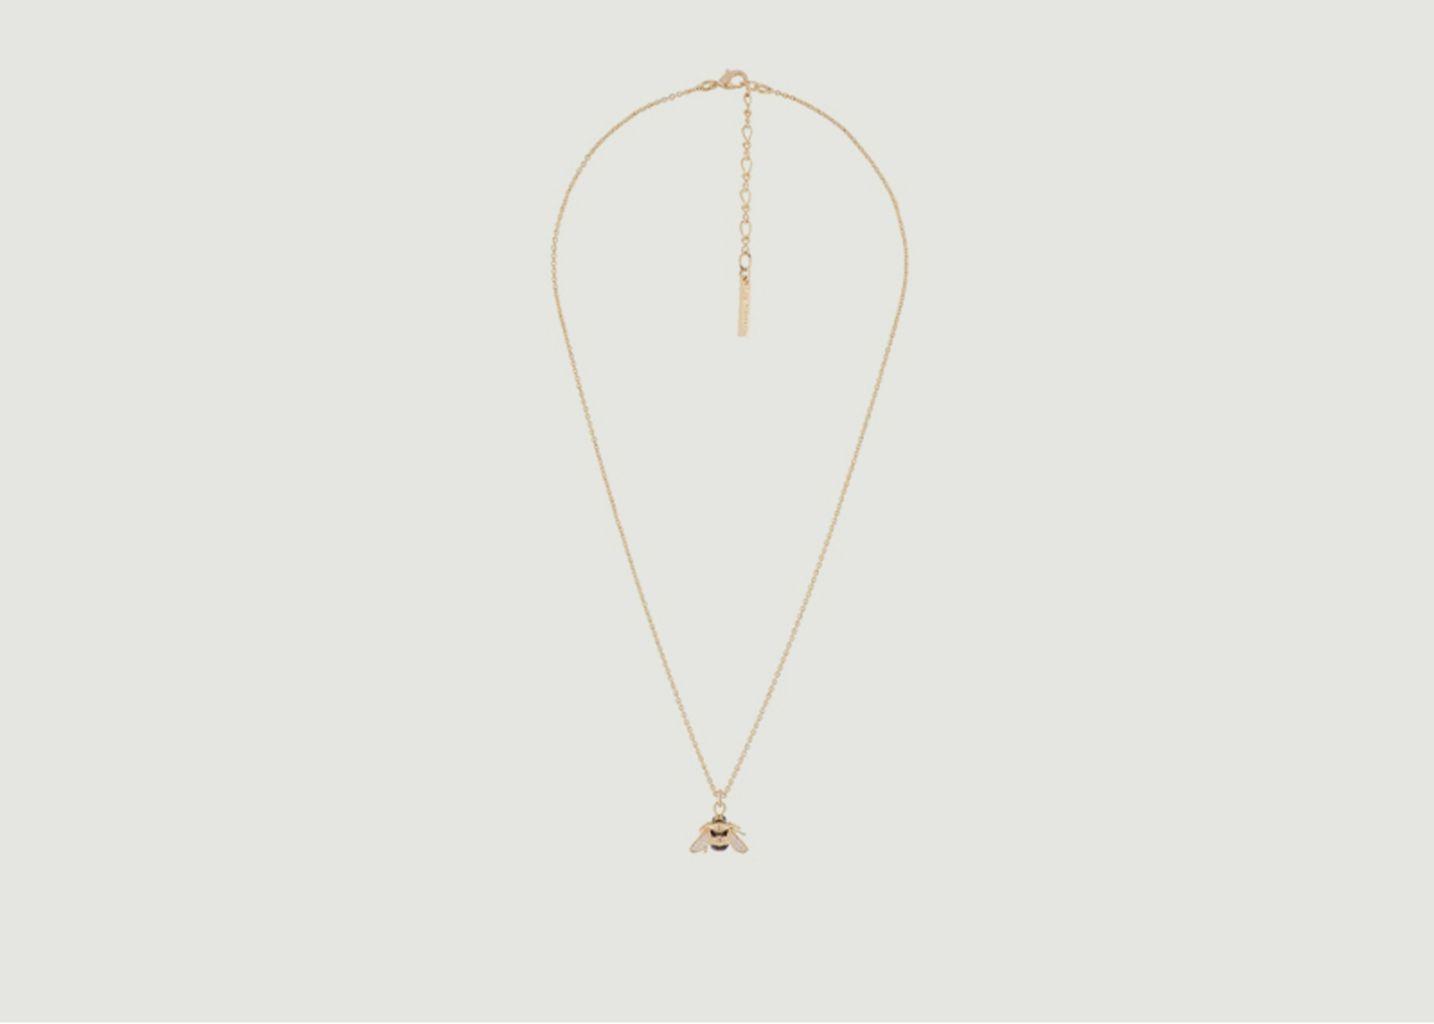 Collier chaîne et pendentif bourdon - Les Néréides